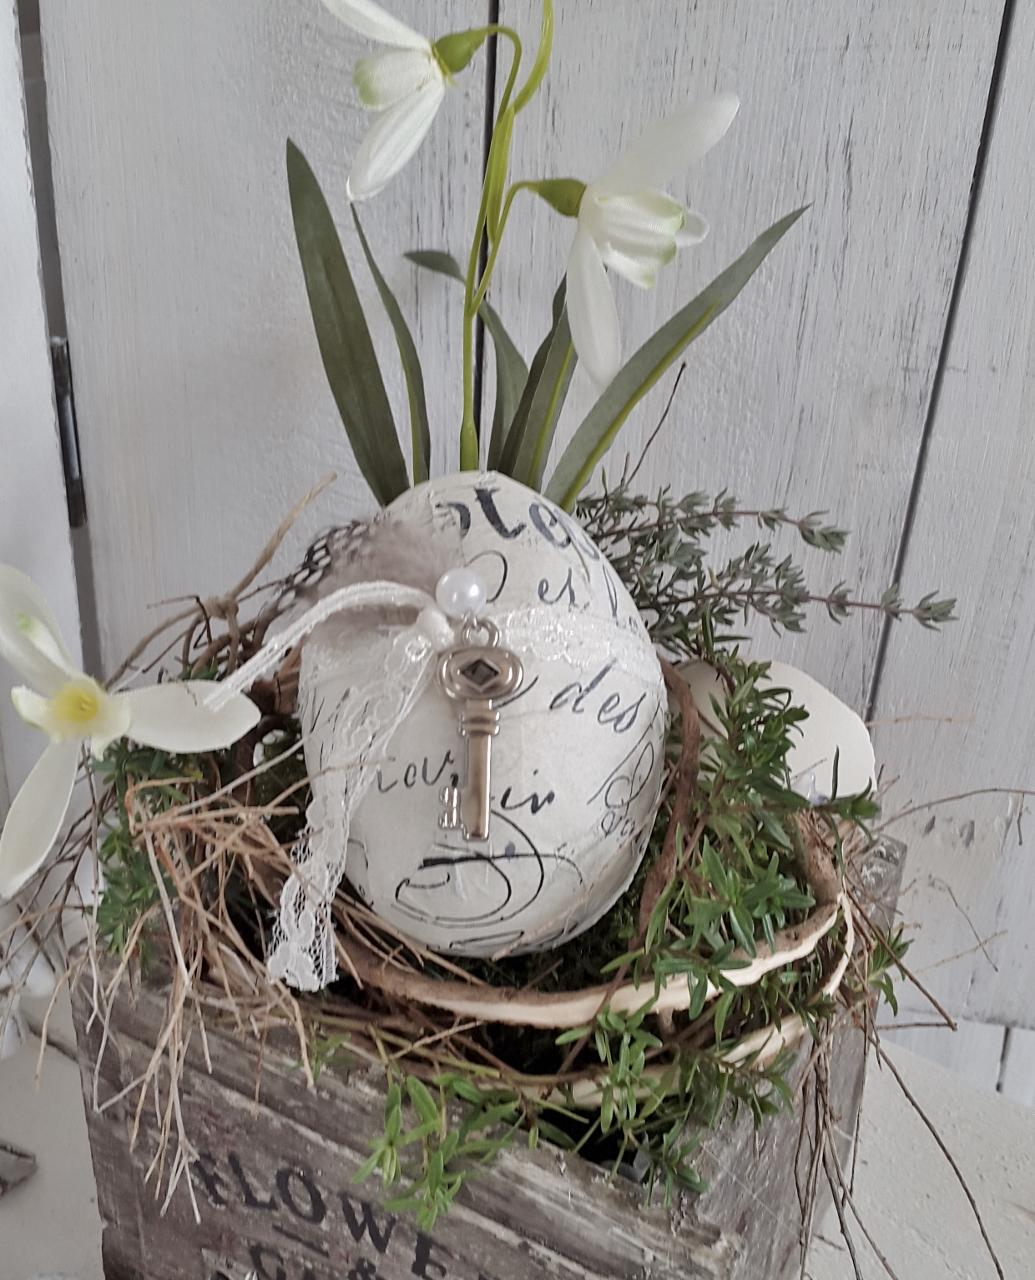 Holzkistchen Mit Hübsch Kleines Schwedenhaus Shabby Chic: Holzkistchen Frühlings Hübsch Vögelchen Kleines